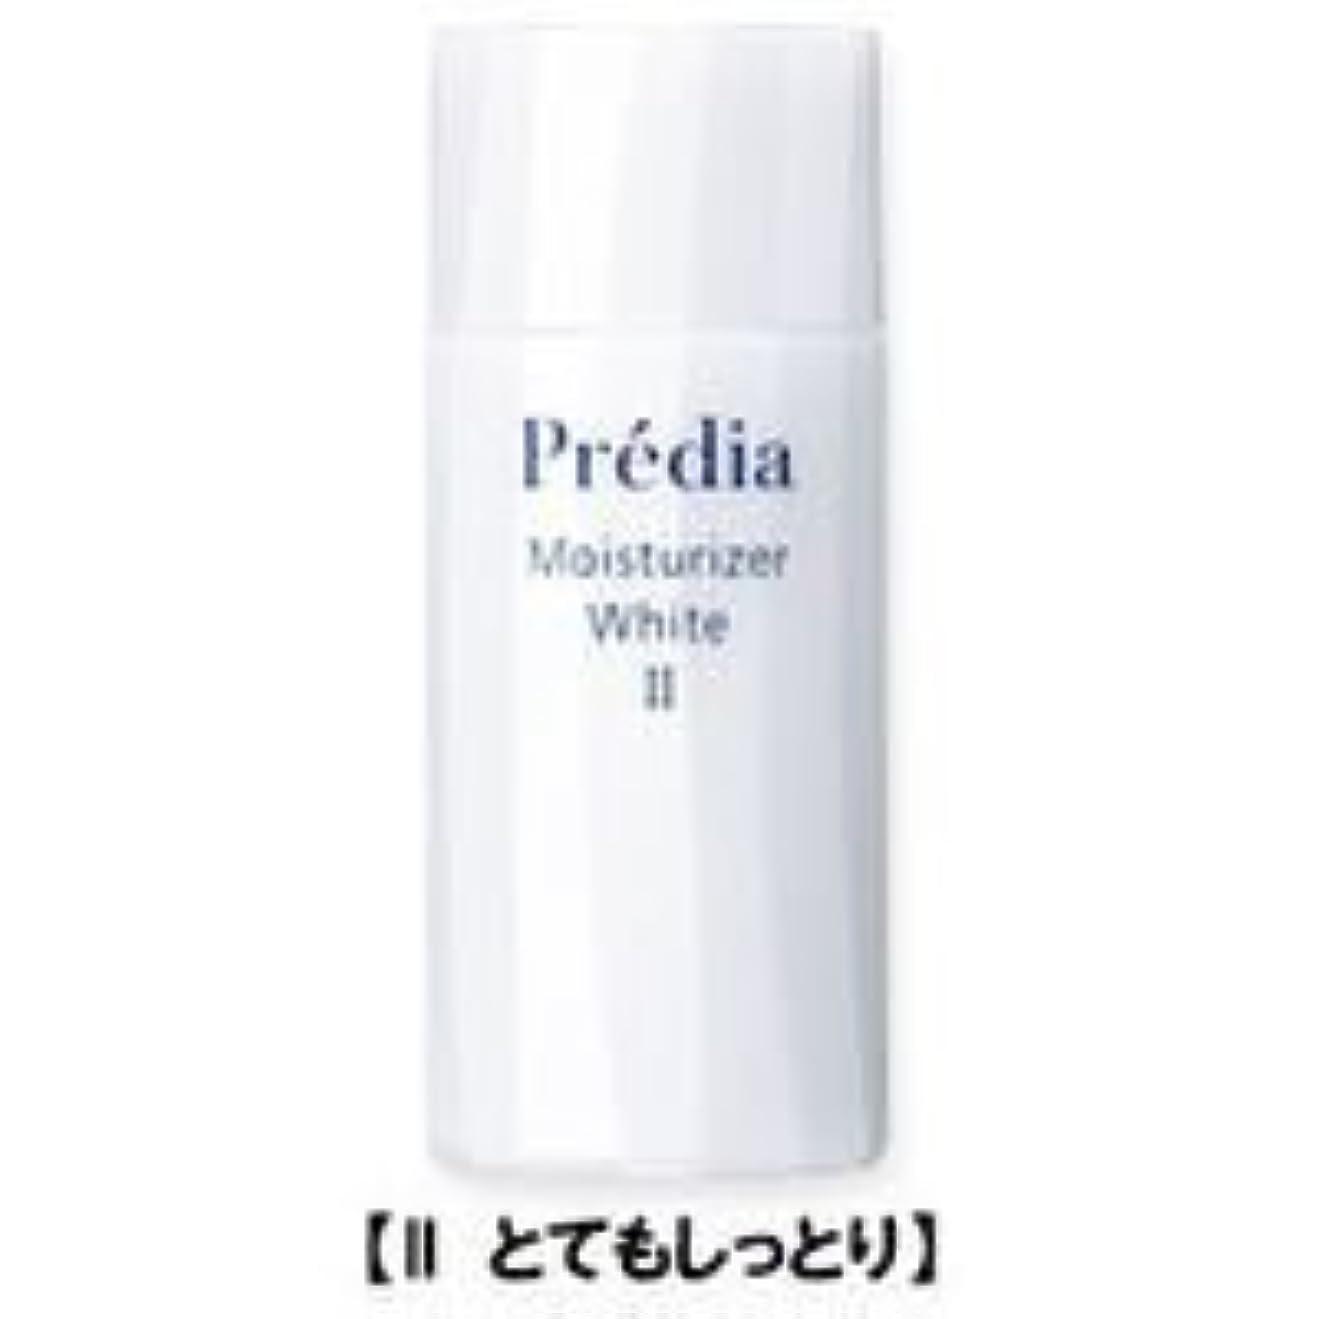 出発メッセンジャーコカインコーセー プレディア モイスチュアライザー ホワイト II とてもしっとり 120ml 乳液